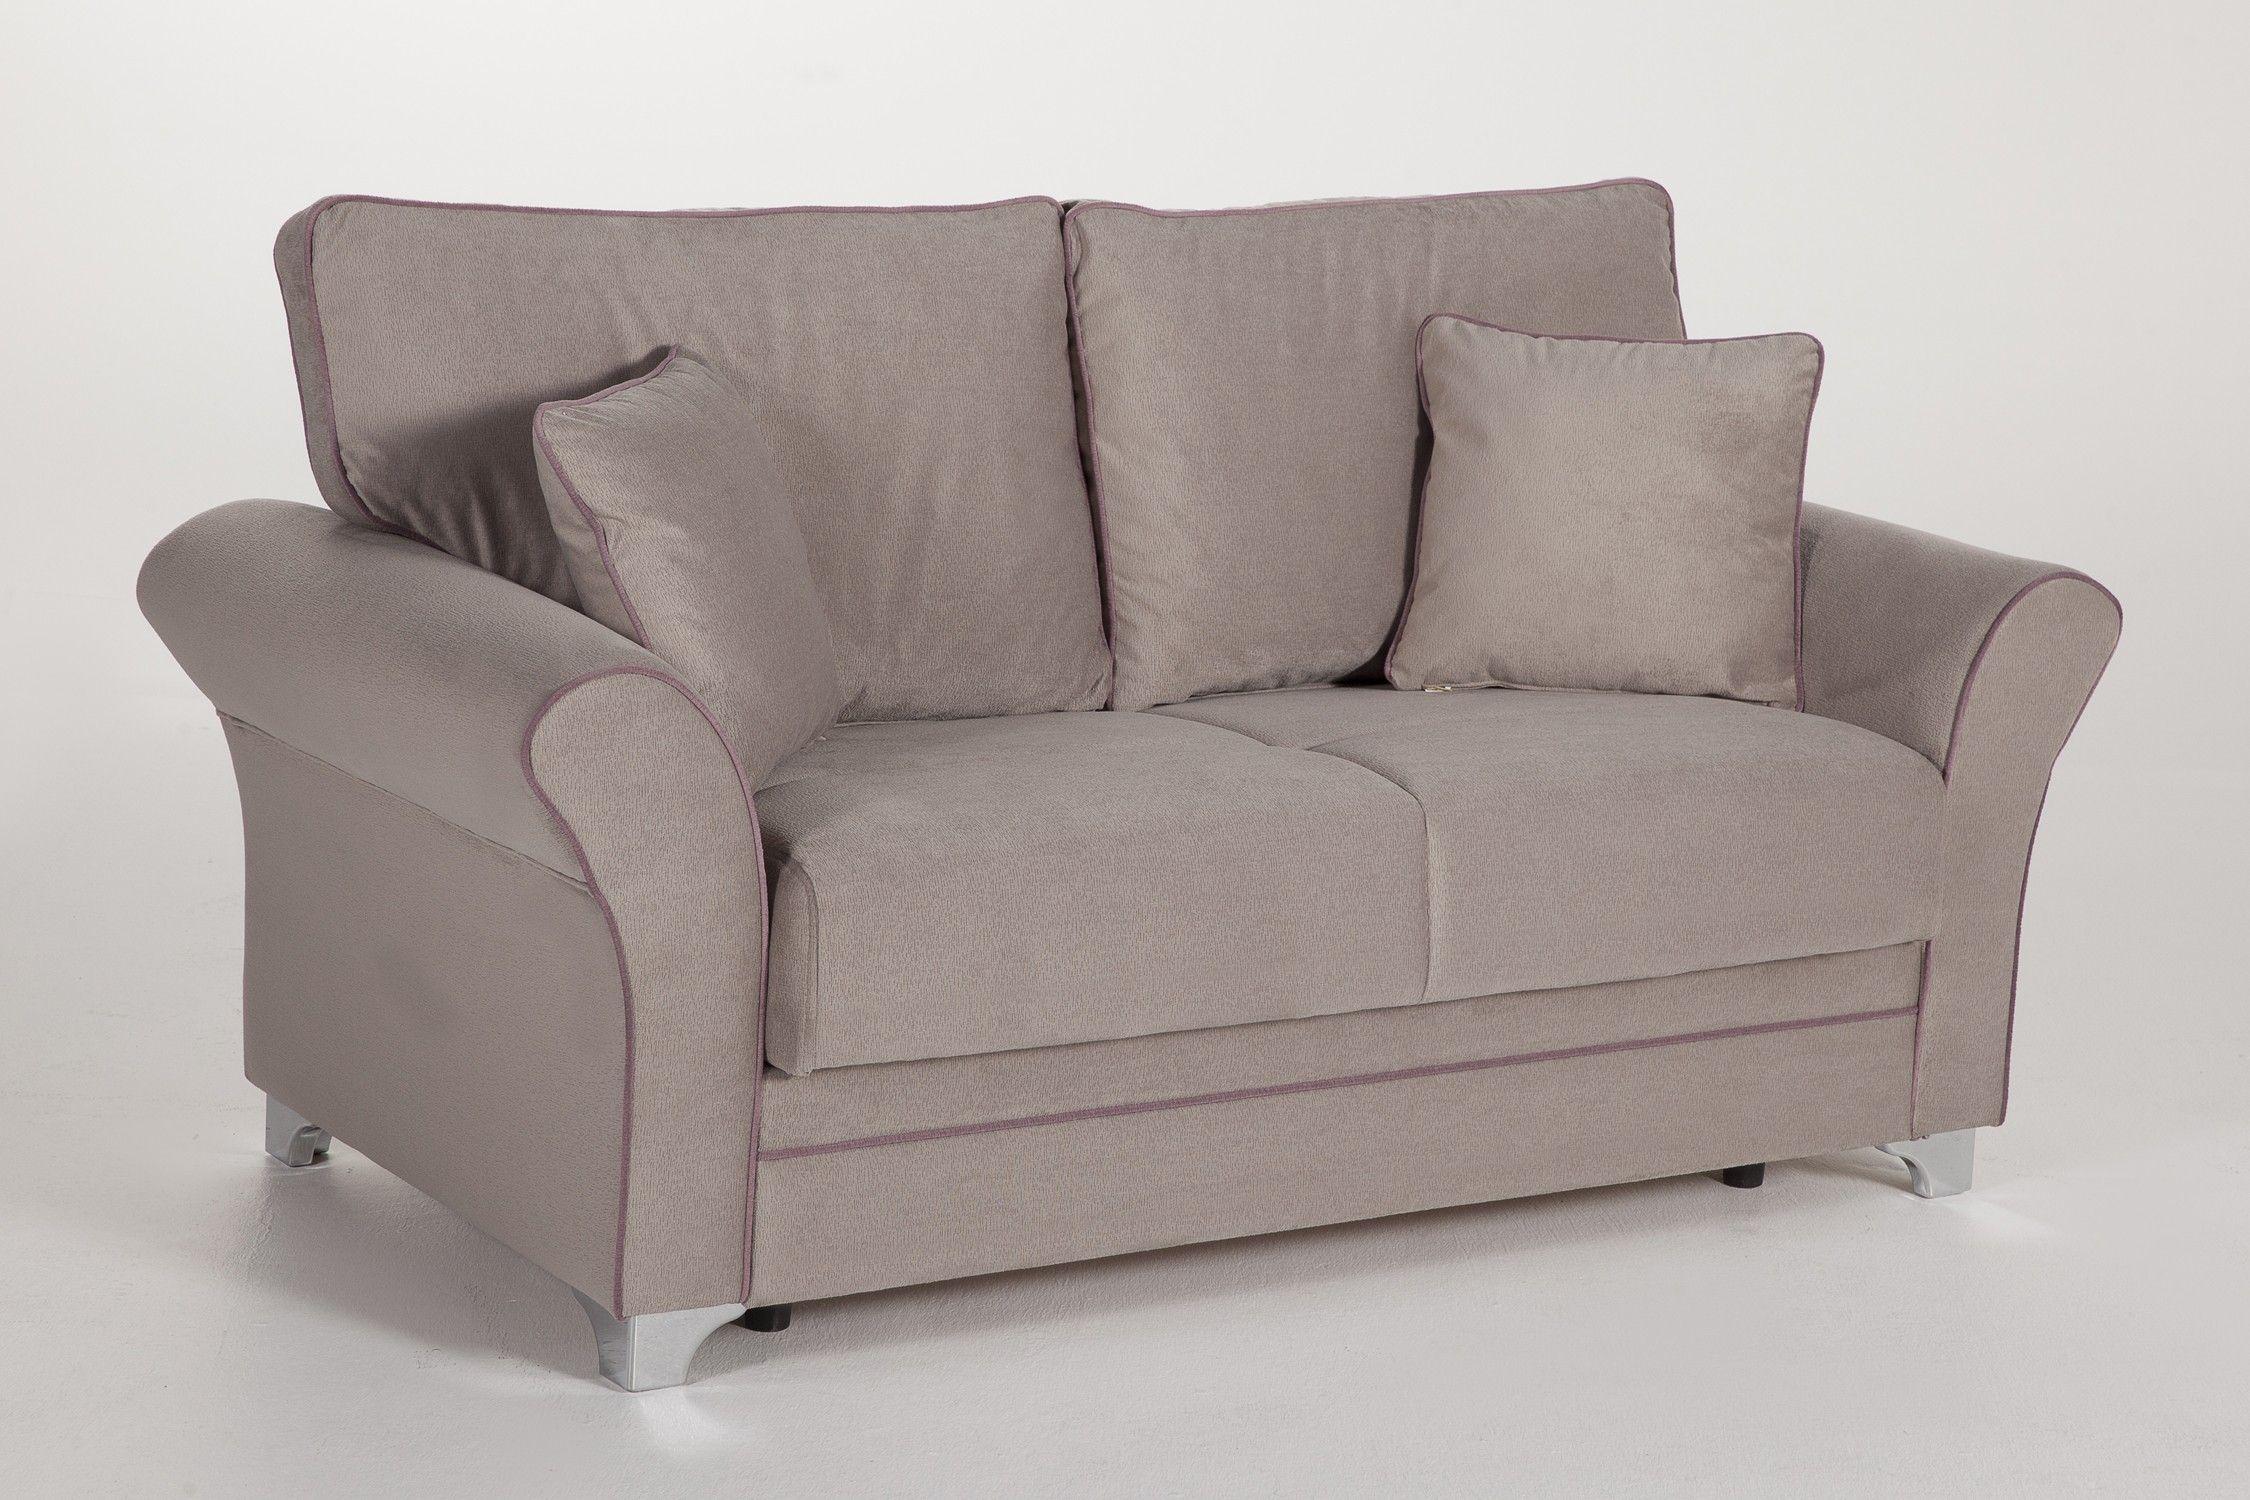 Broyhill Loveseat Cabrio Königin Couch Bett Kleine Sleeper Sofa Stühle